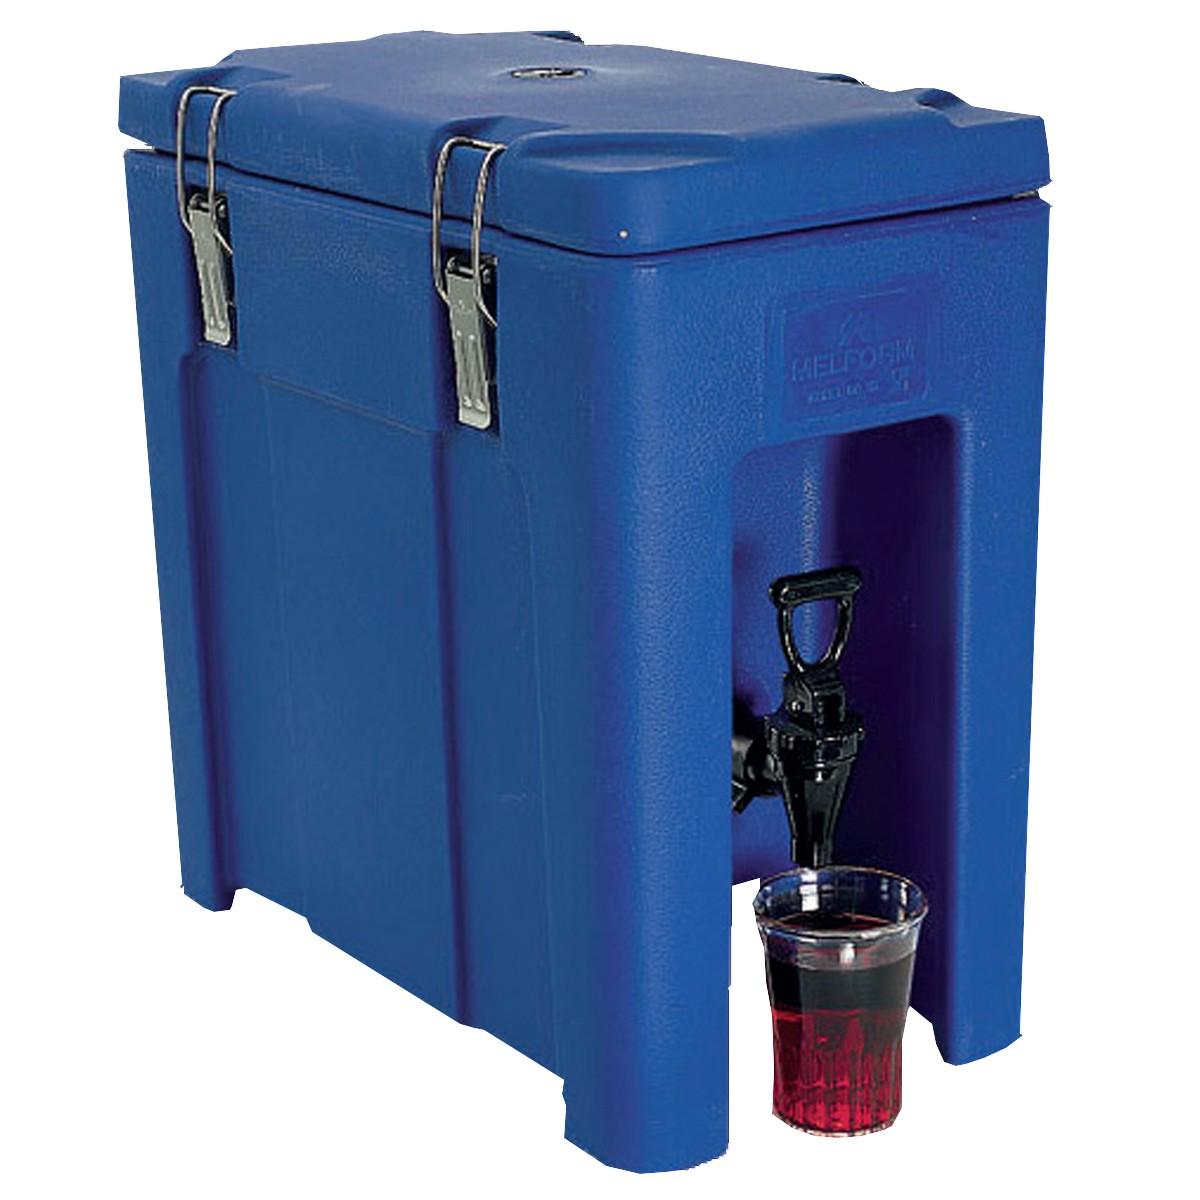 conteneur isotherme professionnel pour liquides chauds ou. Black Bedroom Furniture Sets. Home Design Ideas